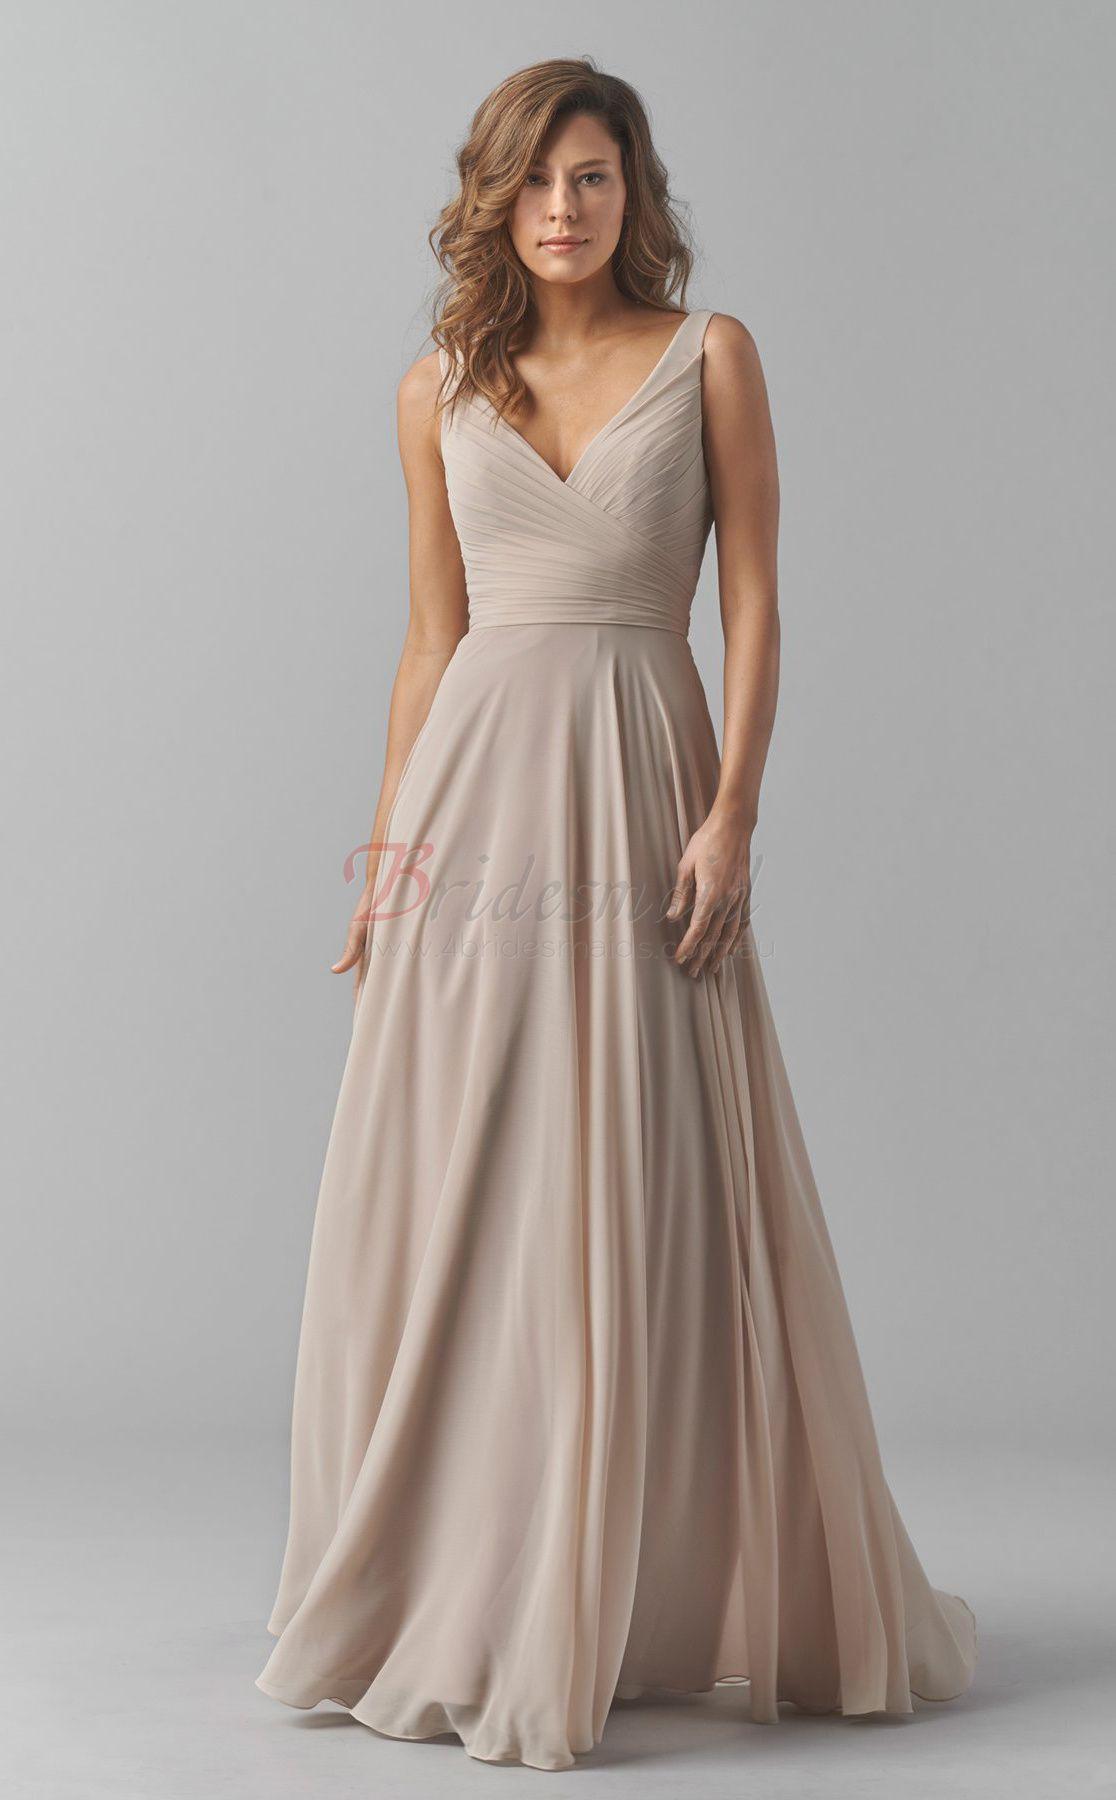 Gray A-line Chiffon V-neck Long Bridesmaid Dresses(BD1455) Abiti Da 76c3e3eafe08